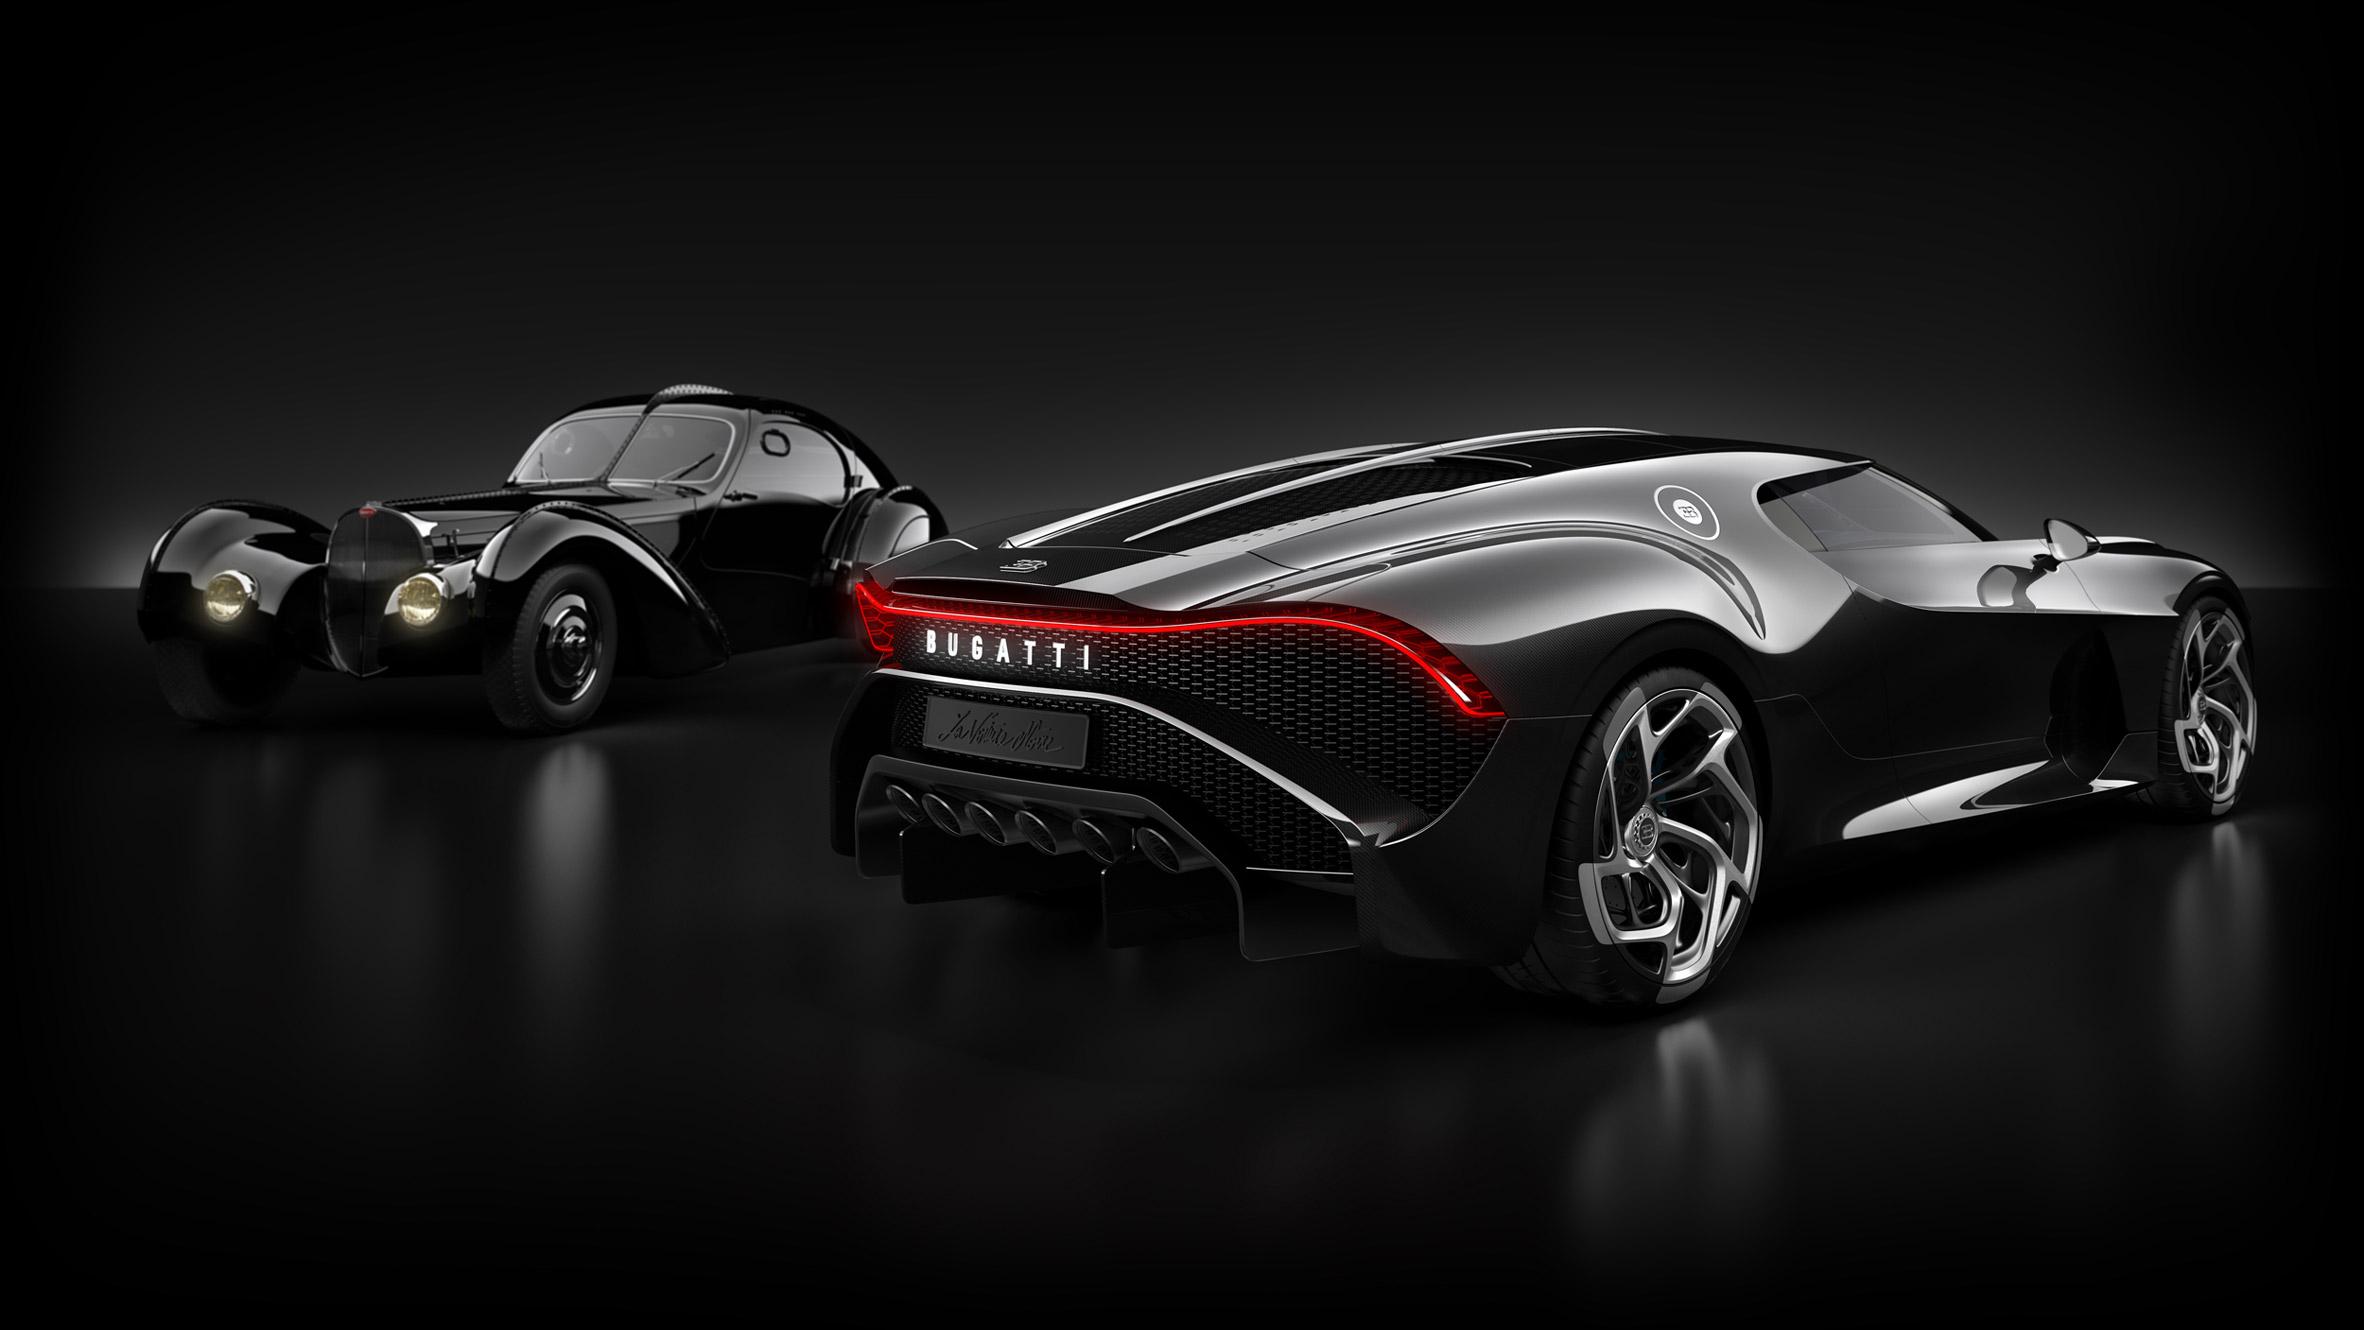 Bugatti La Voiture Noire Fondo De Pantalla Hd Fondo De